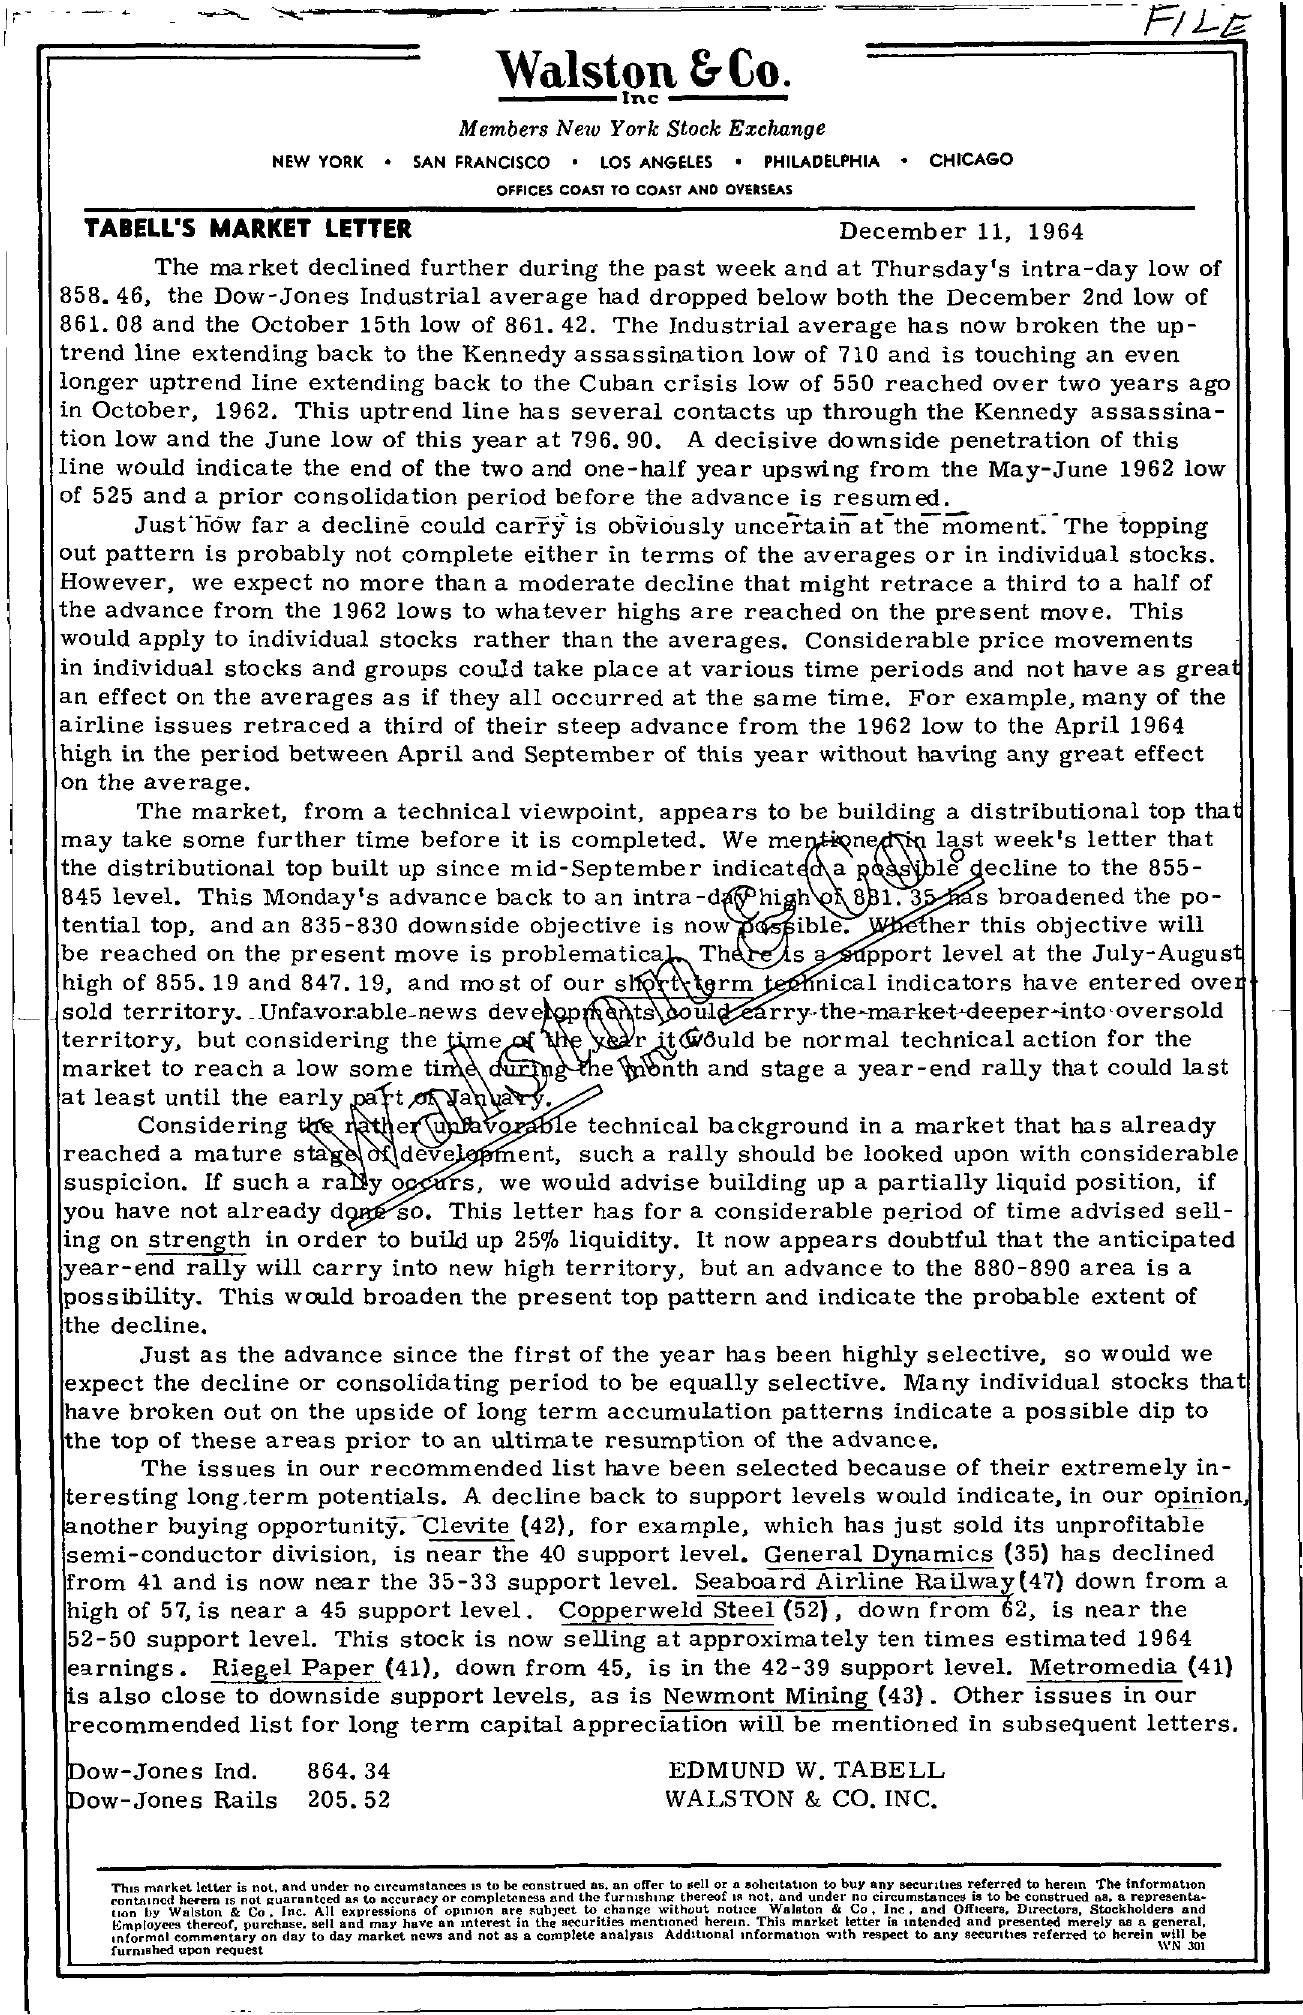 Tabell's Market Letter - December 11, 1964